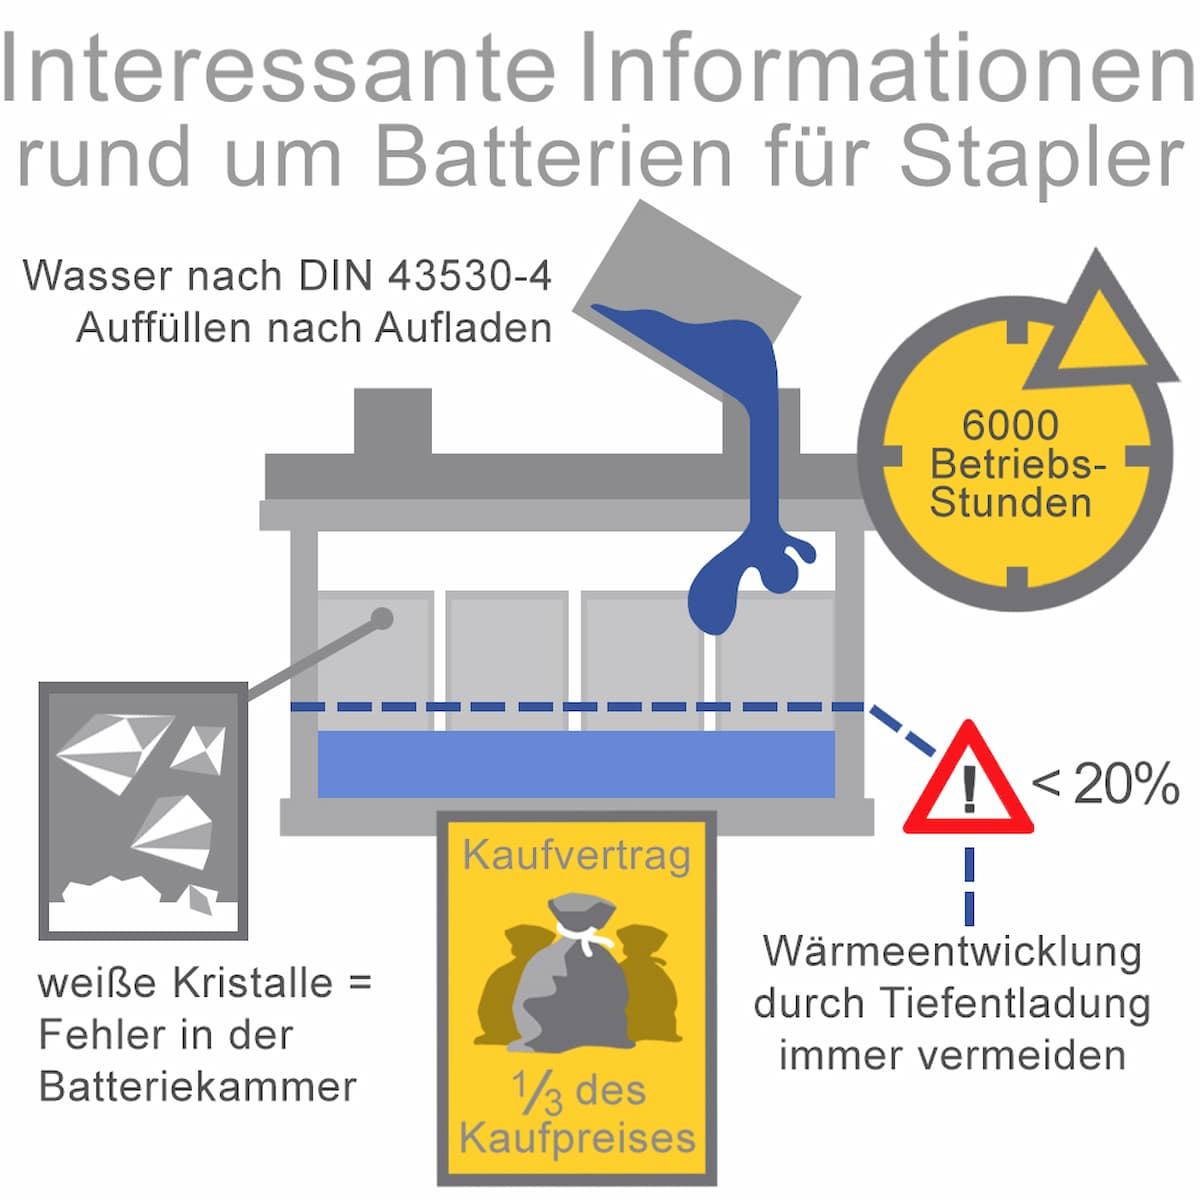 Interessante Informationen rund um die Batterie für Stapler